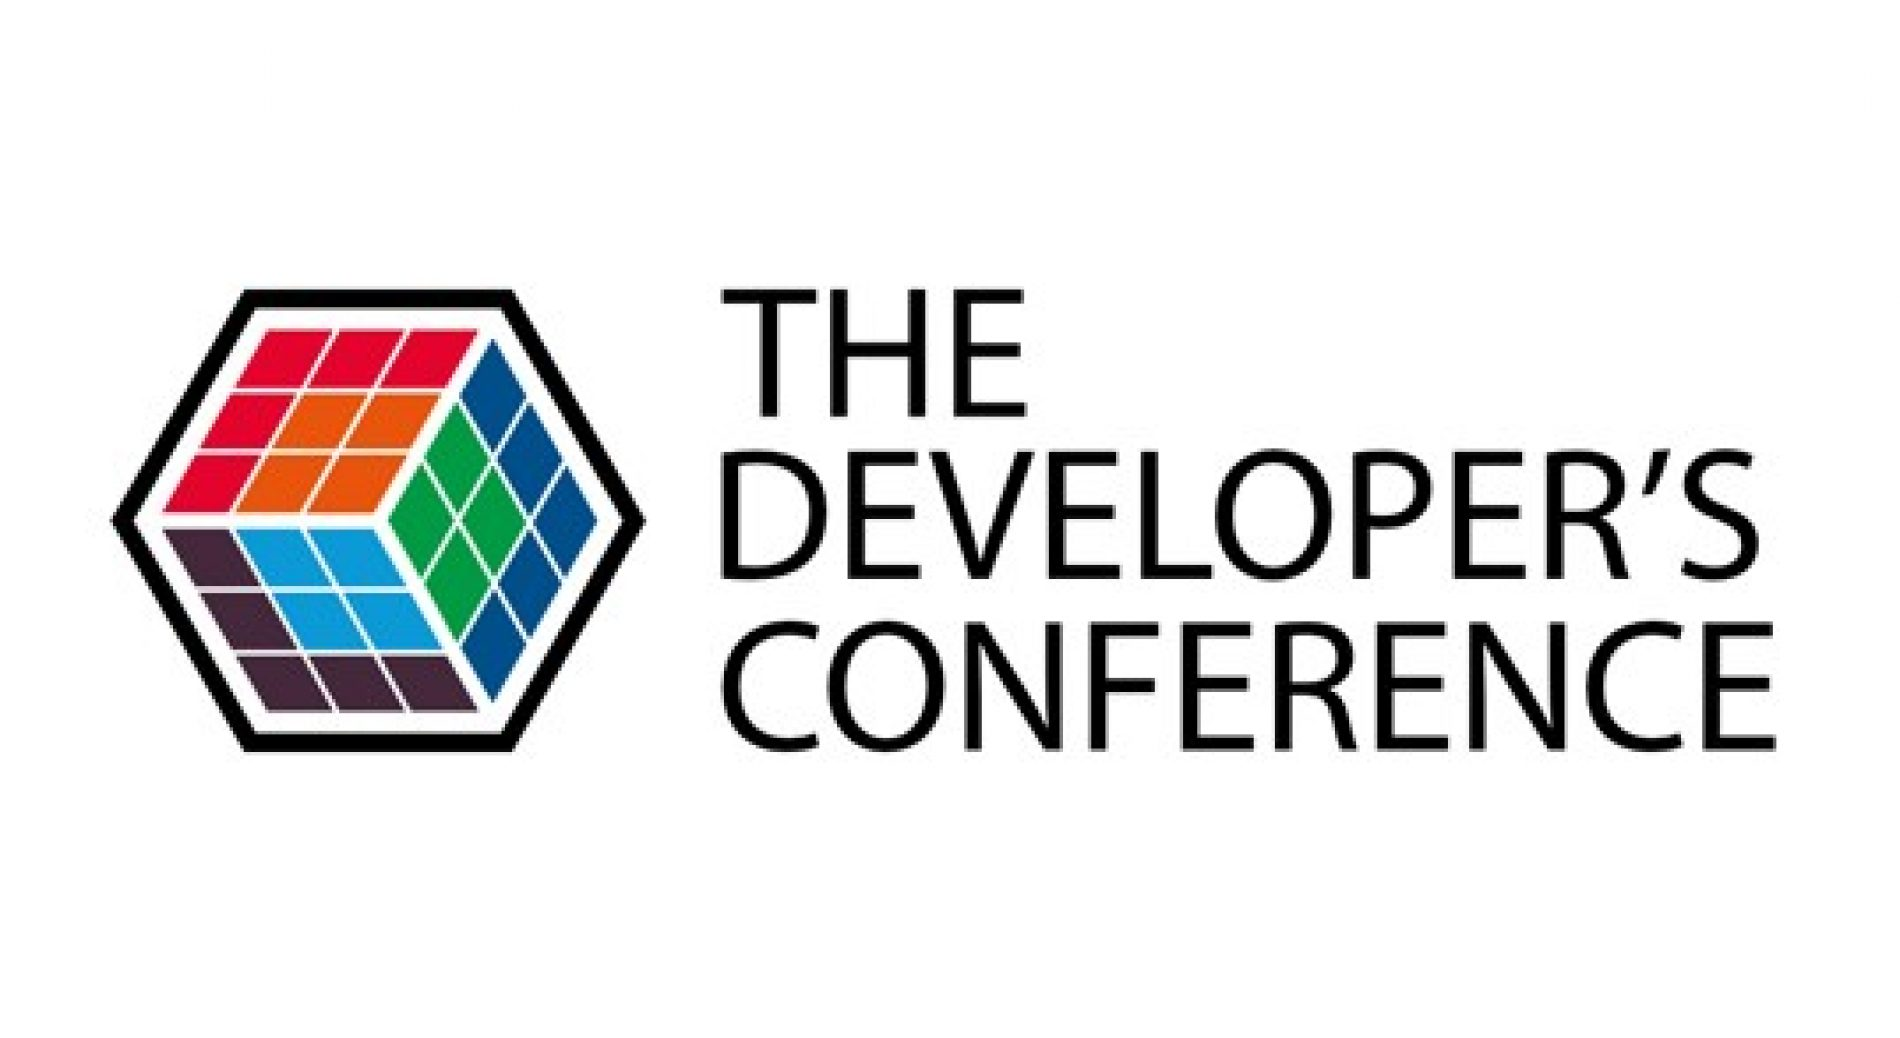 Palestra 4Linux sobre Infraestrutura Ágil no TDC – The Developers Conference 2017